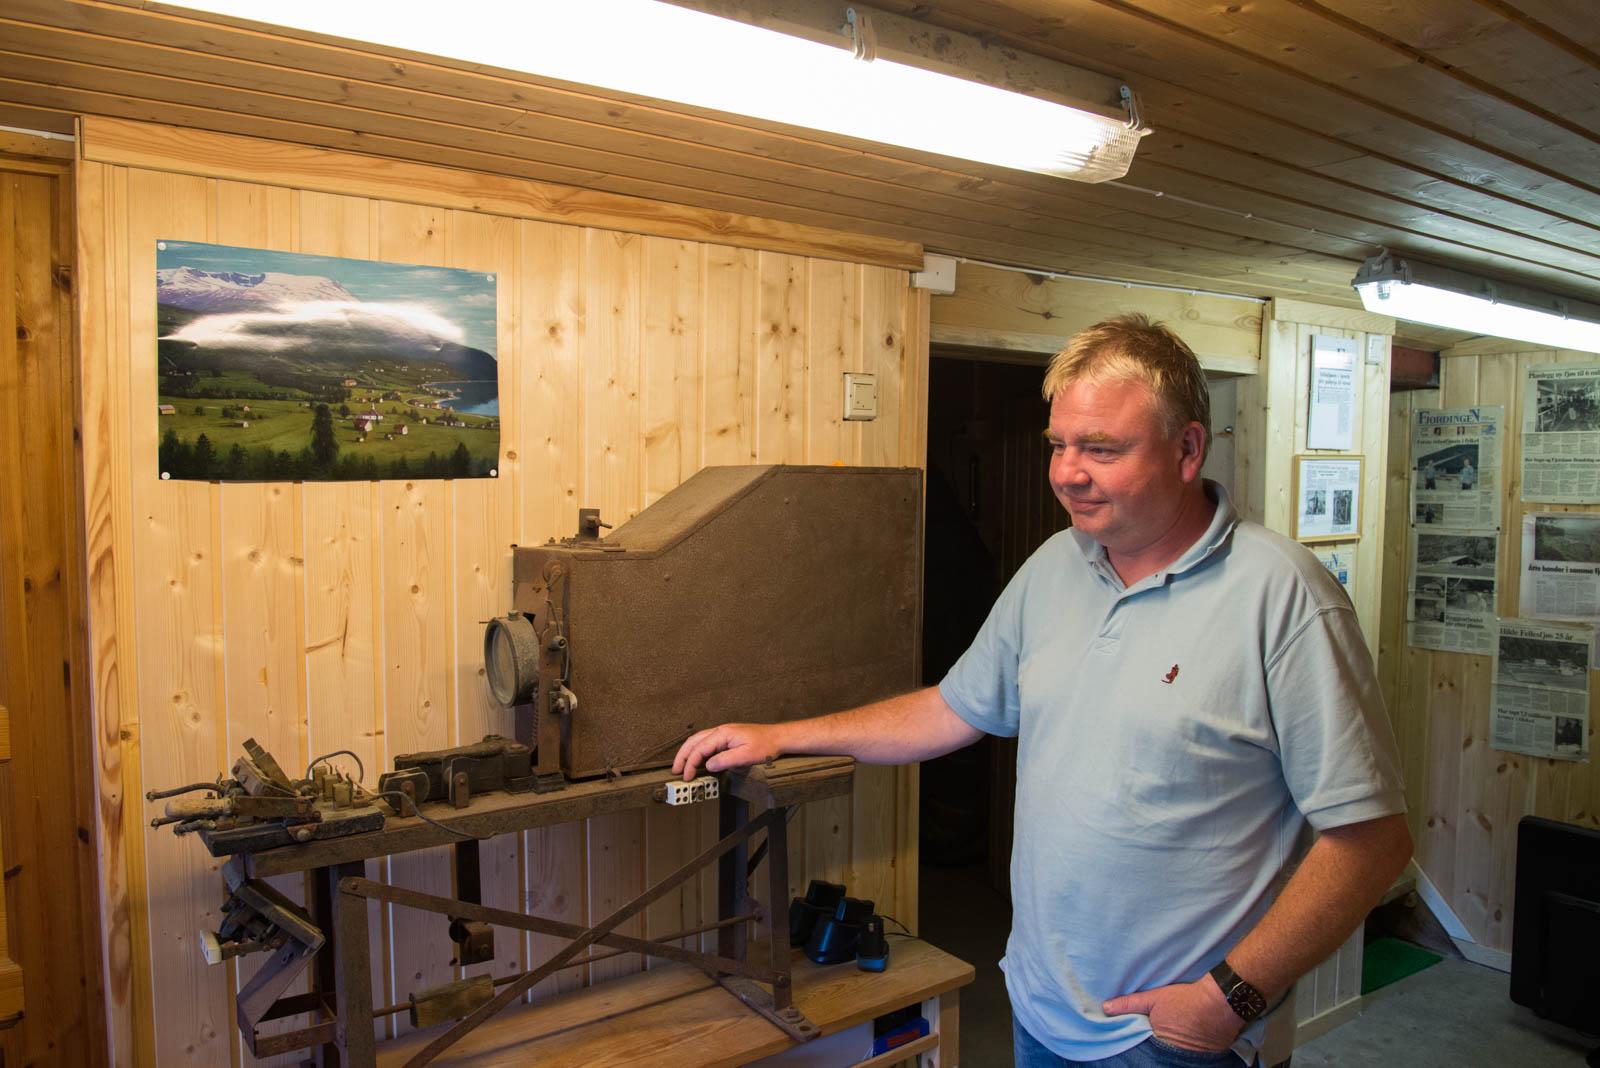 Den første filmfremviseren som ble brukt i Sogn og FJordane. Kanskje kan den brukes igjen?